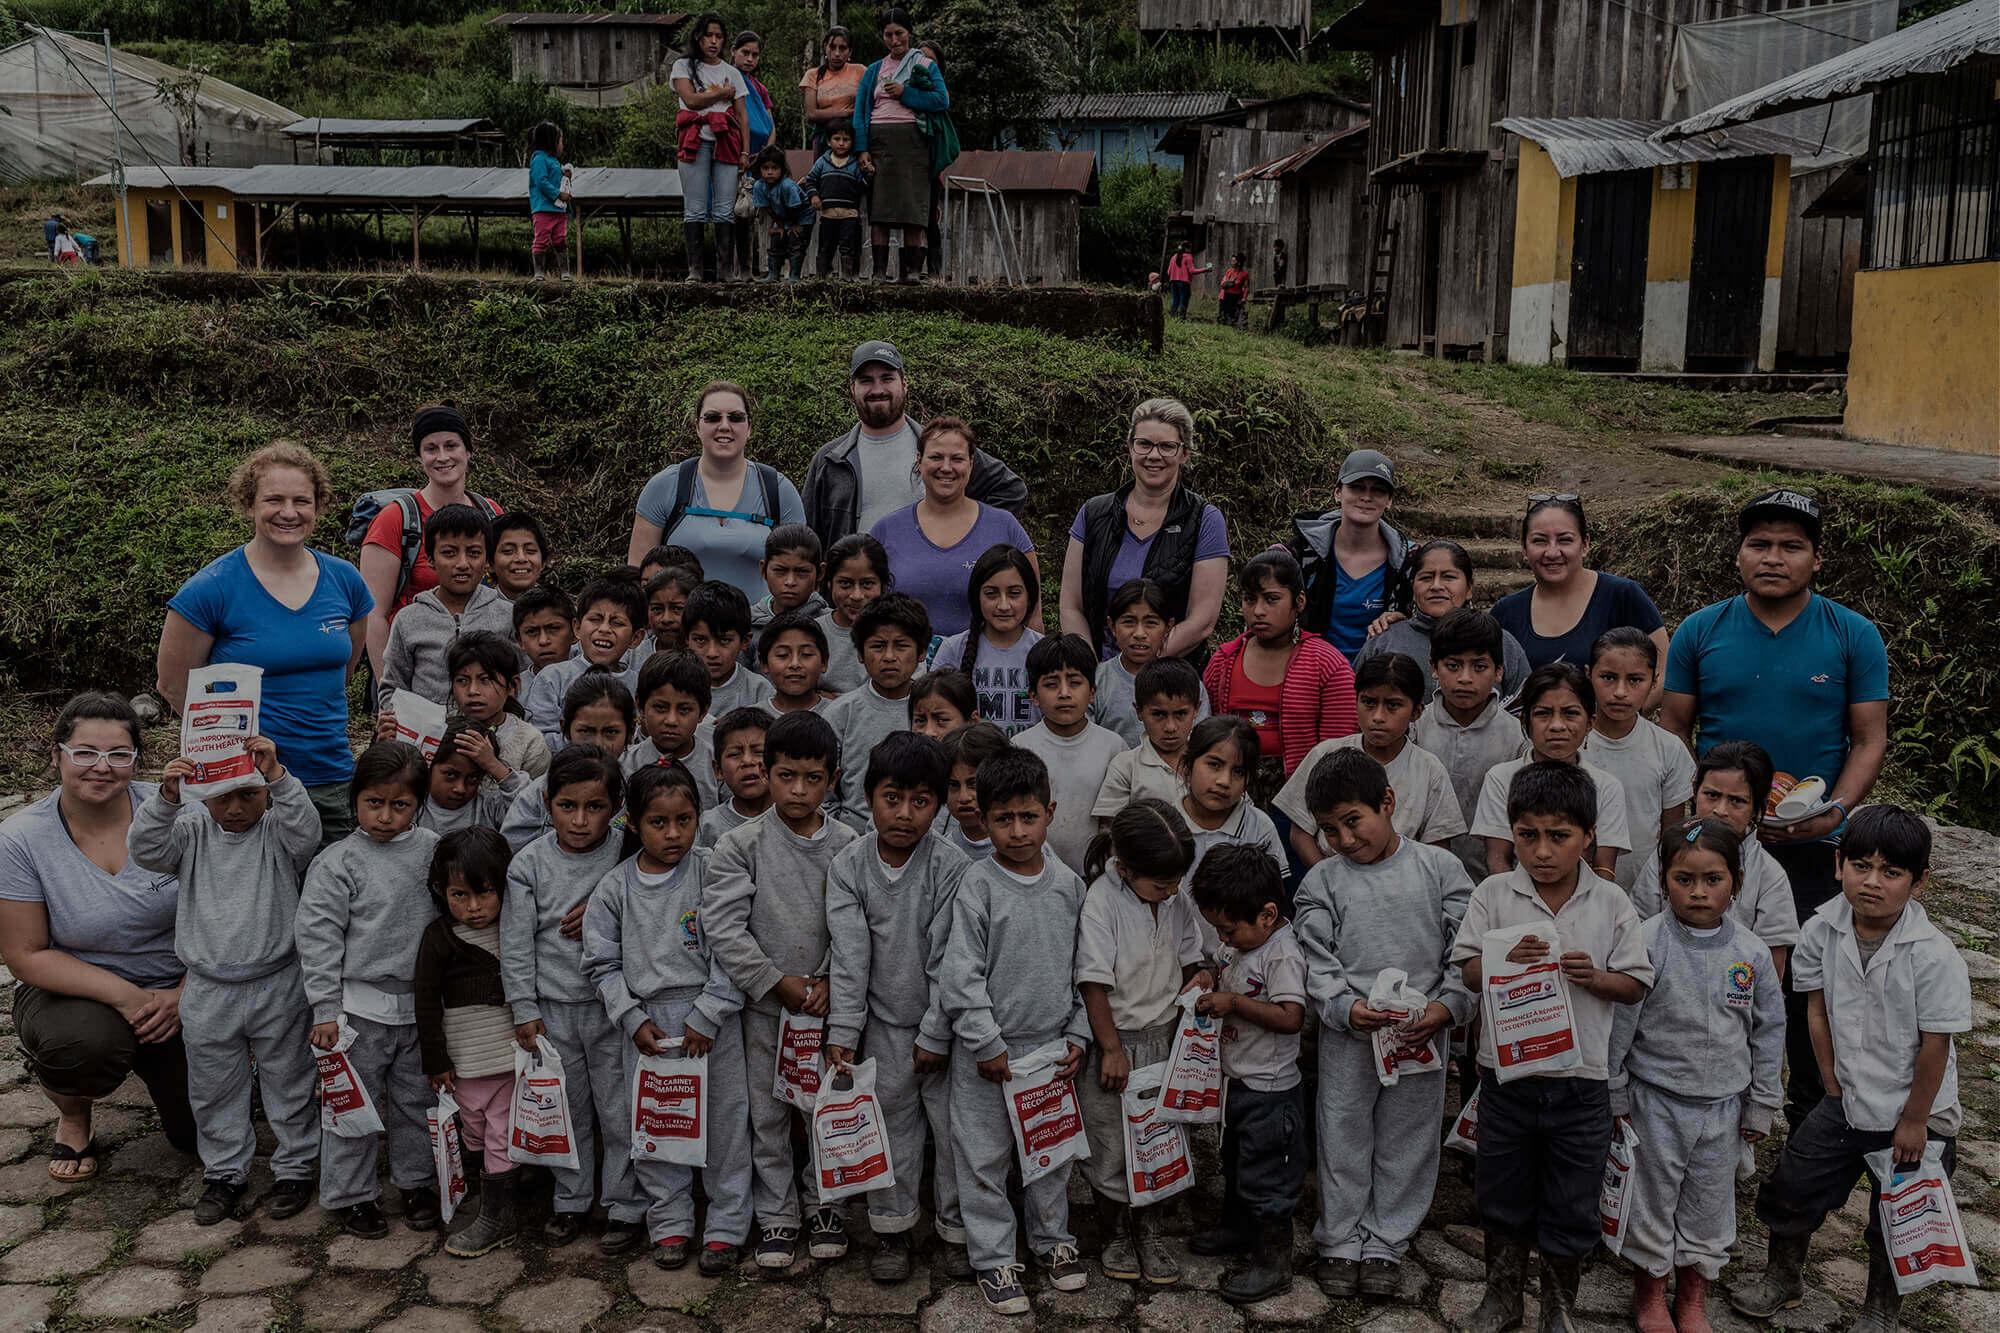 Coronavirus, Don Turato d'Equateur: